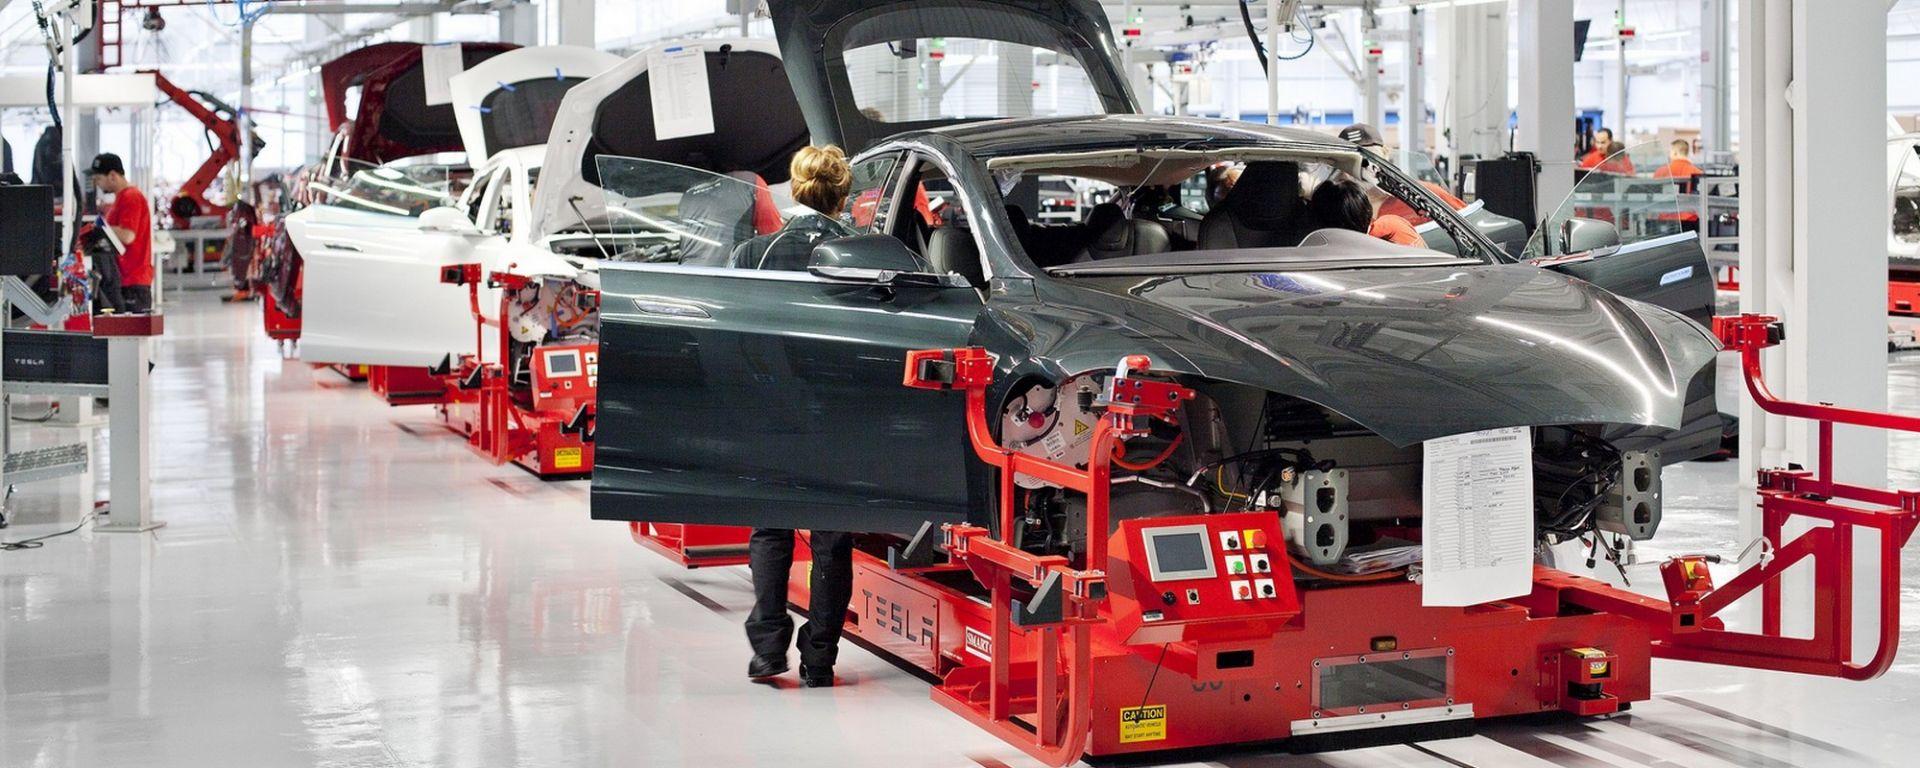 Tesla Model 3, produzione a rilento: colpa delle componenti difettose?